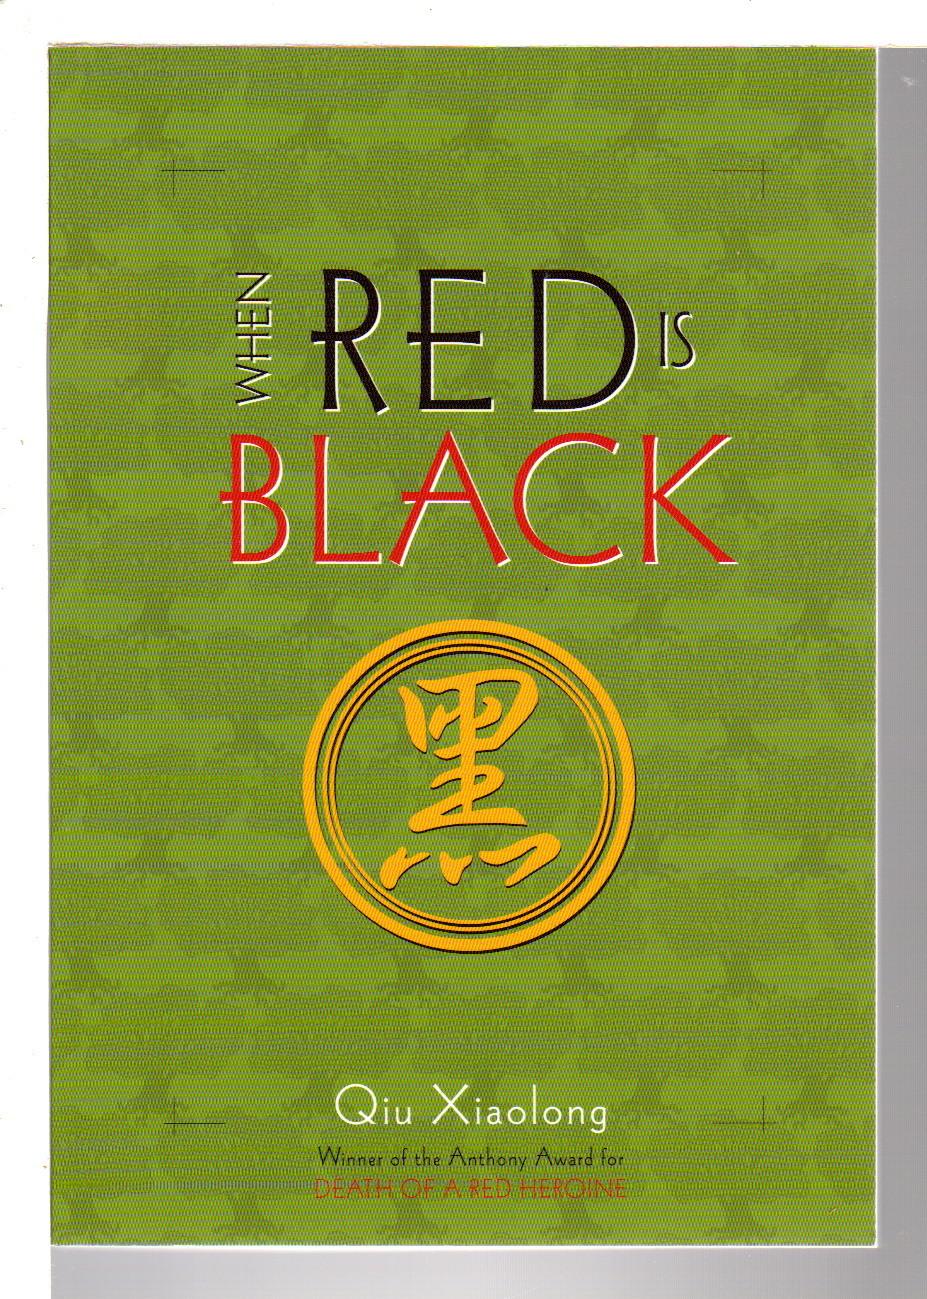 XIAOLONG, QIU. - WHEN RED IS BLACK.